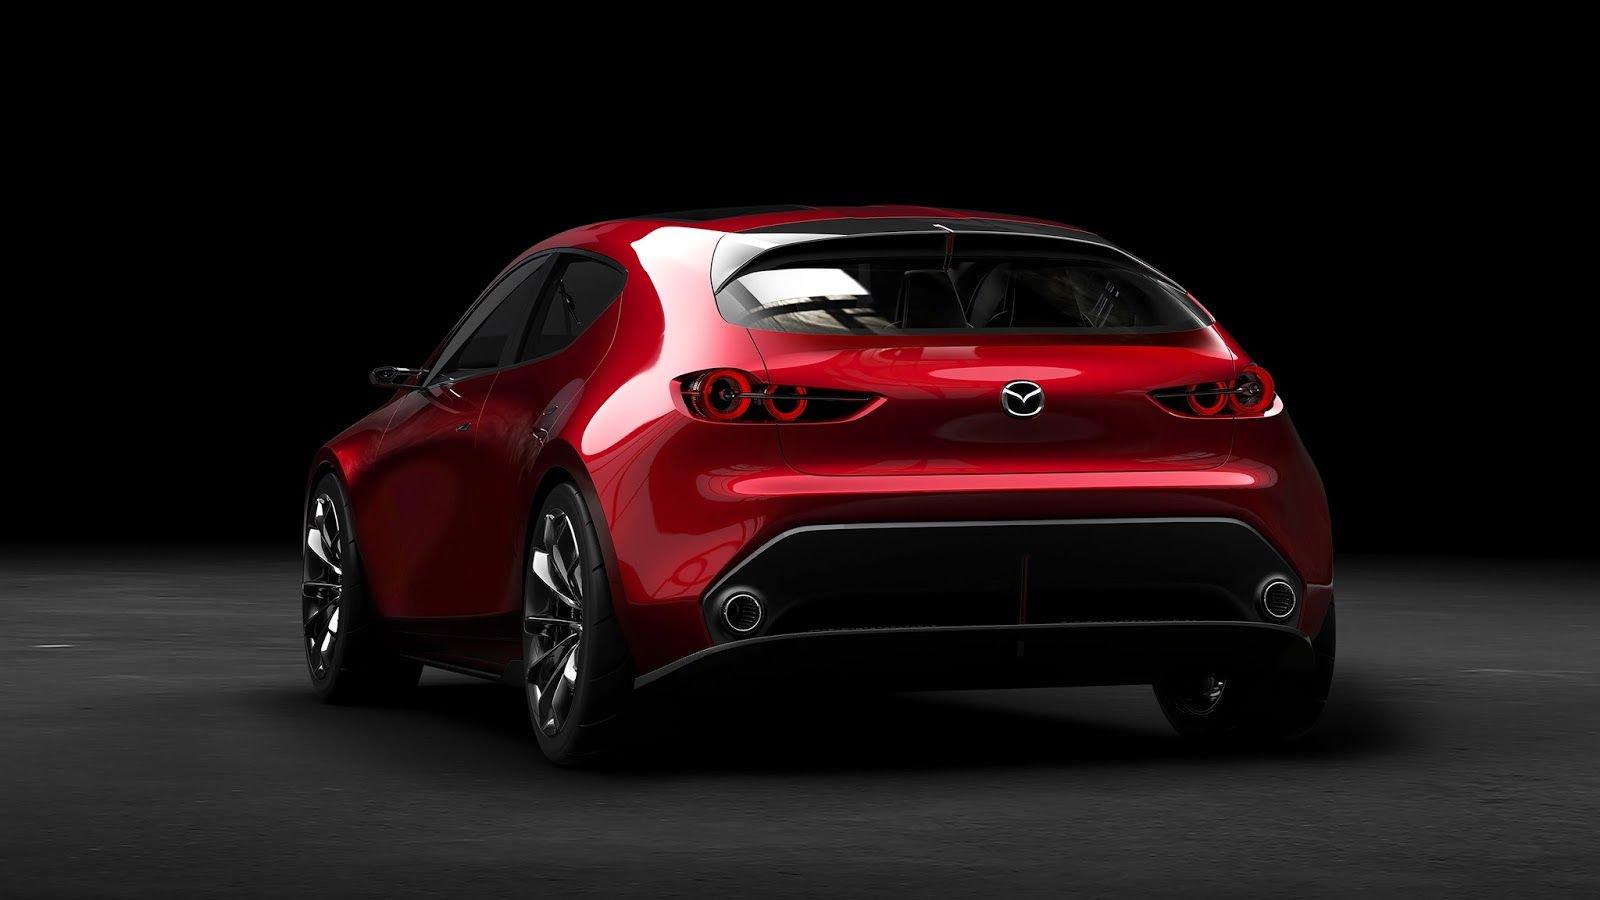 Mazda3-2019-Van-chay-xang-nhung-sach-nhu-dong-co-diesel-anh-3